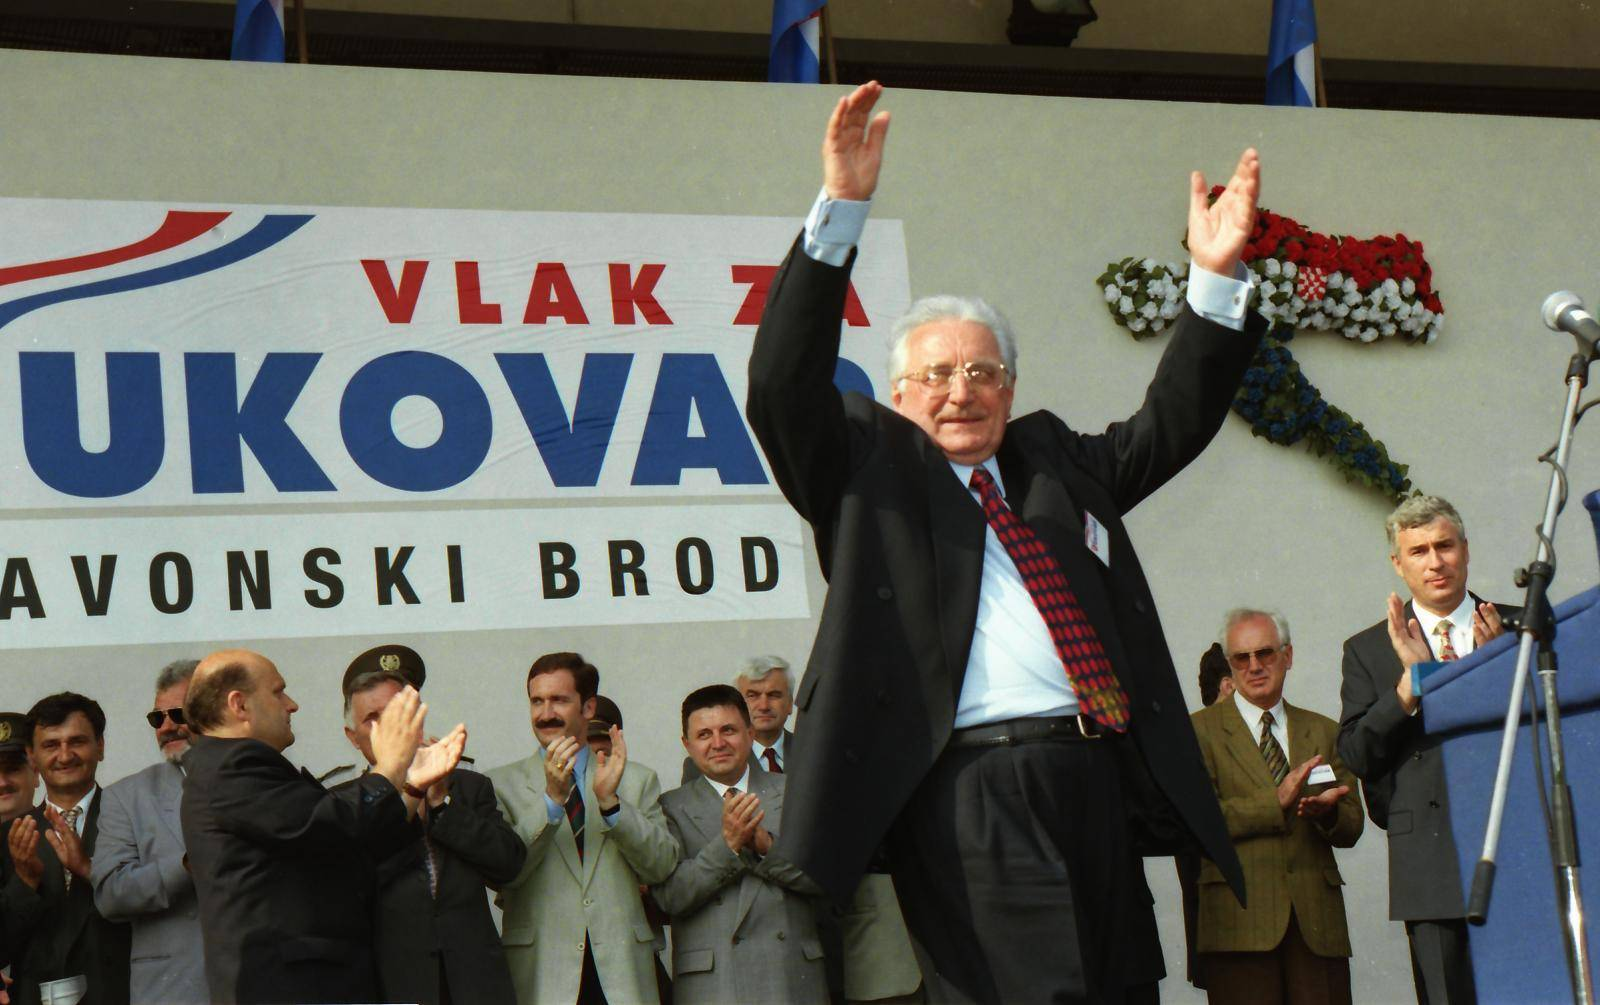 Povratak u napaćeni grad heroj: Vlak mira krenuo je za Vukovar, pjevalo se i klicalo slobodi...